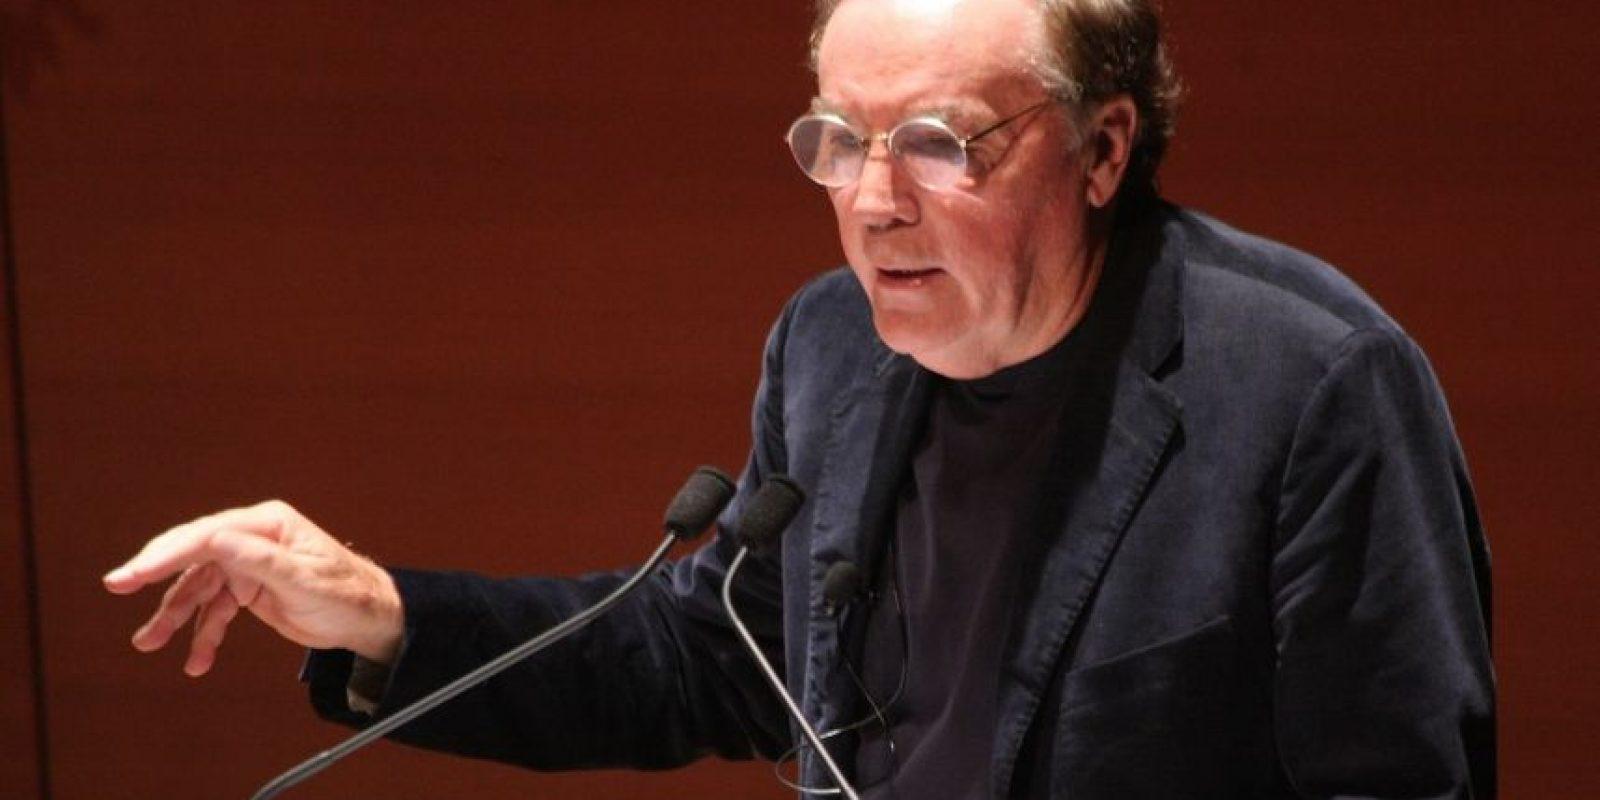 """El escritor estadounidense y autor del libro """"En la mente del asesino"""", James Patterson, ganó el séptimo puesto con 89 millones de dólares. Foto:Getty Images"""